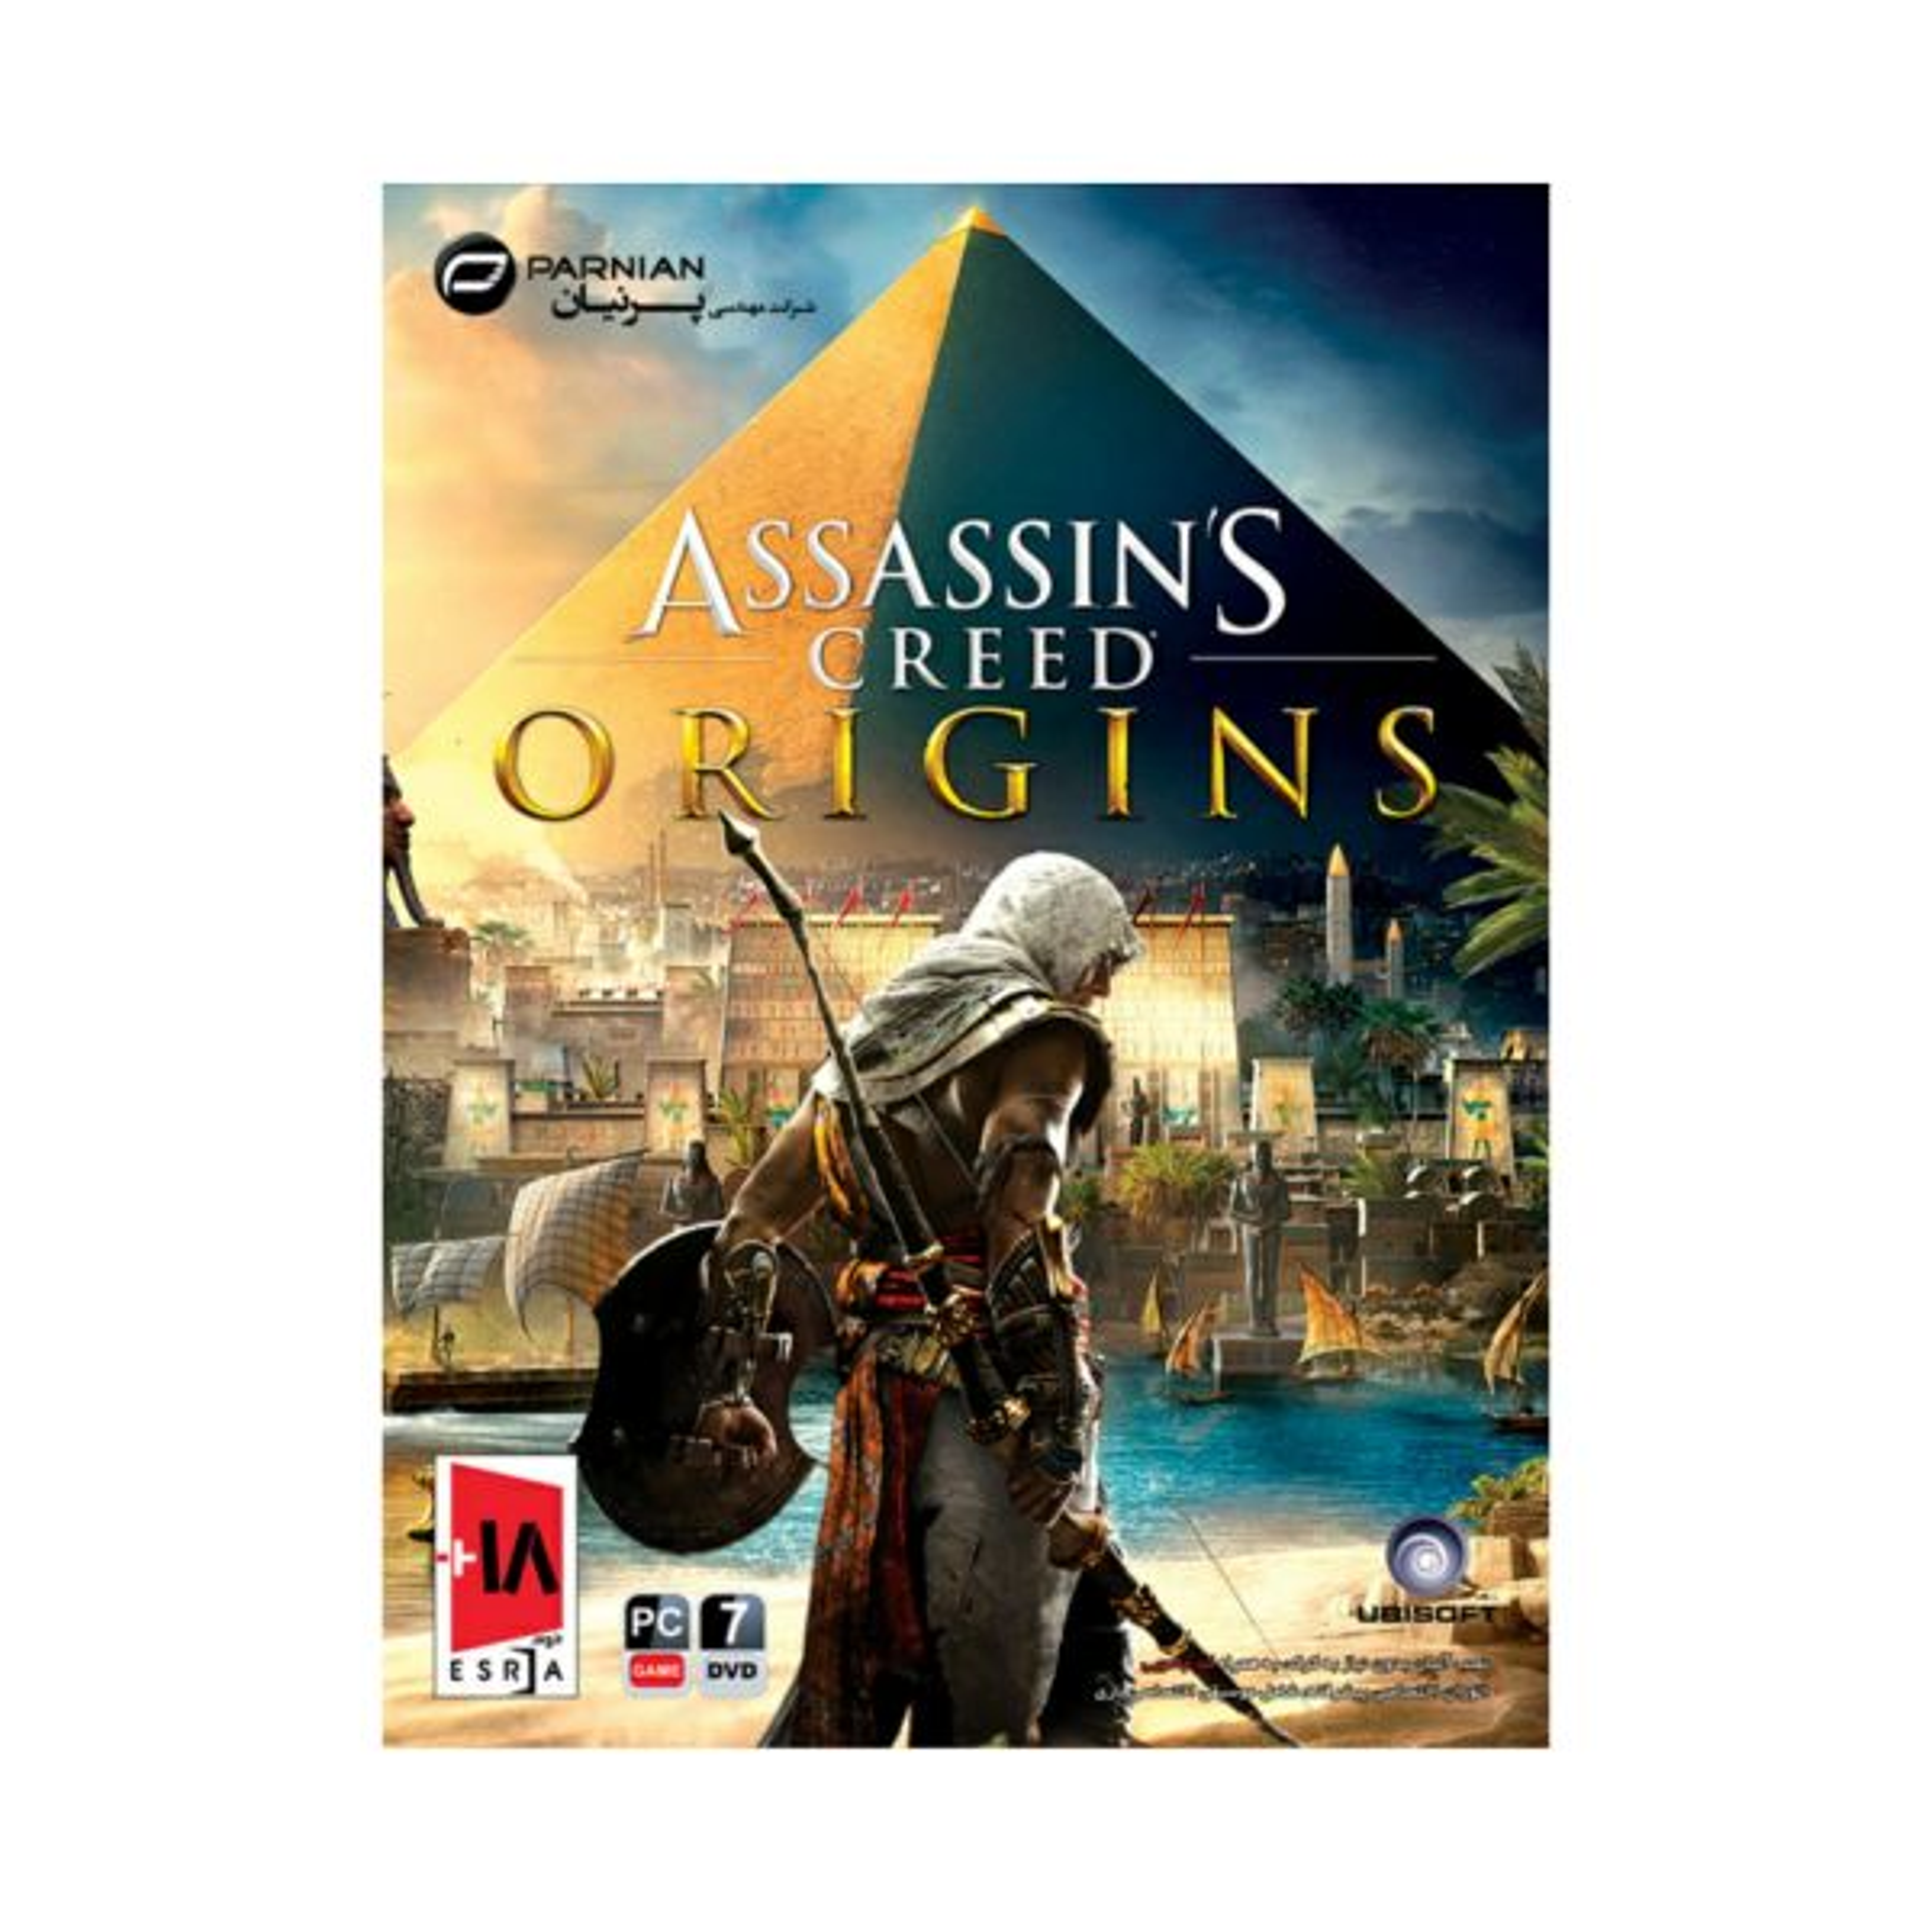 بازی assassins creed origins مخصوص pc نشر پرنیان